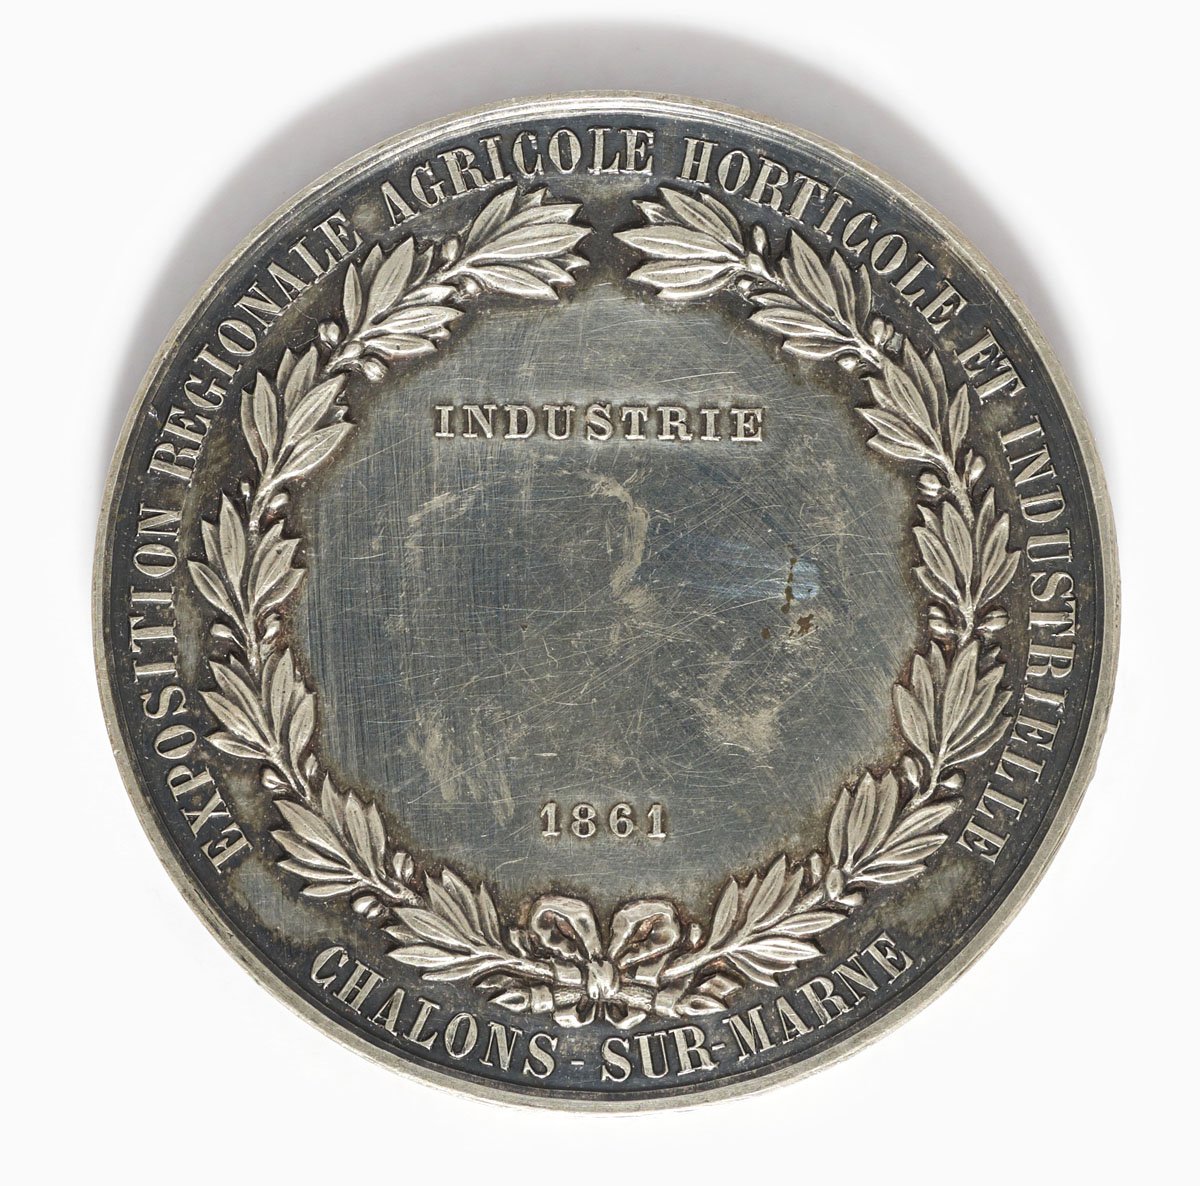 Photographie du revers de la médaille